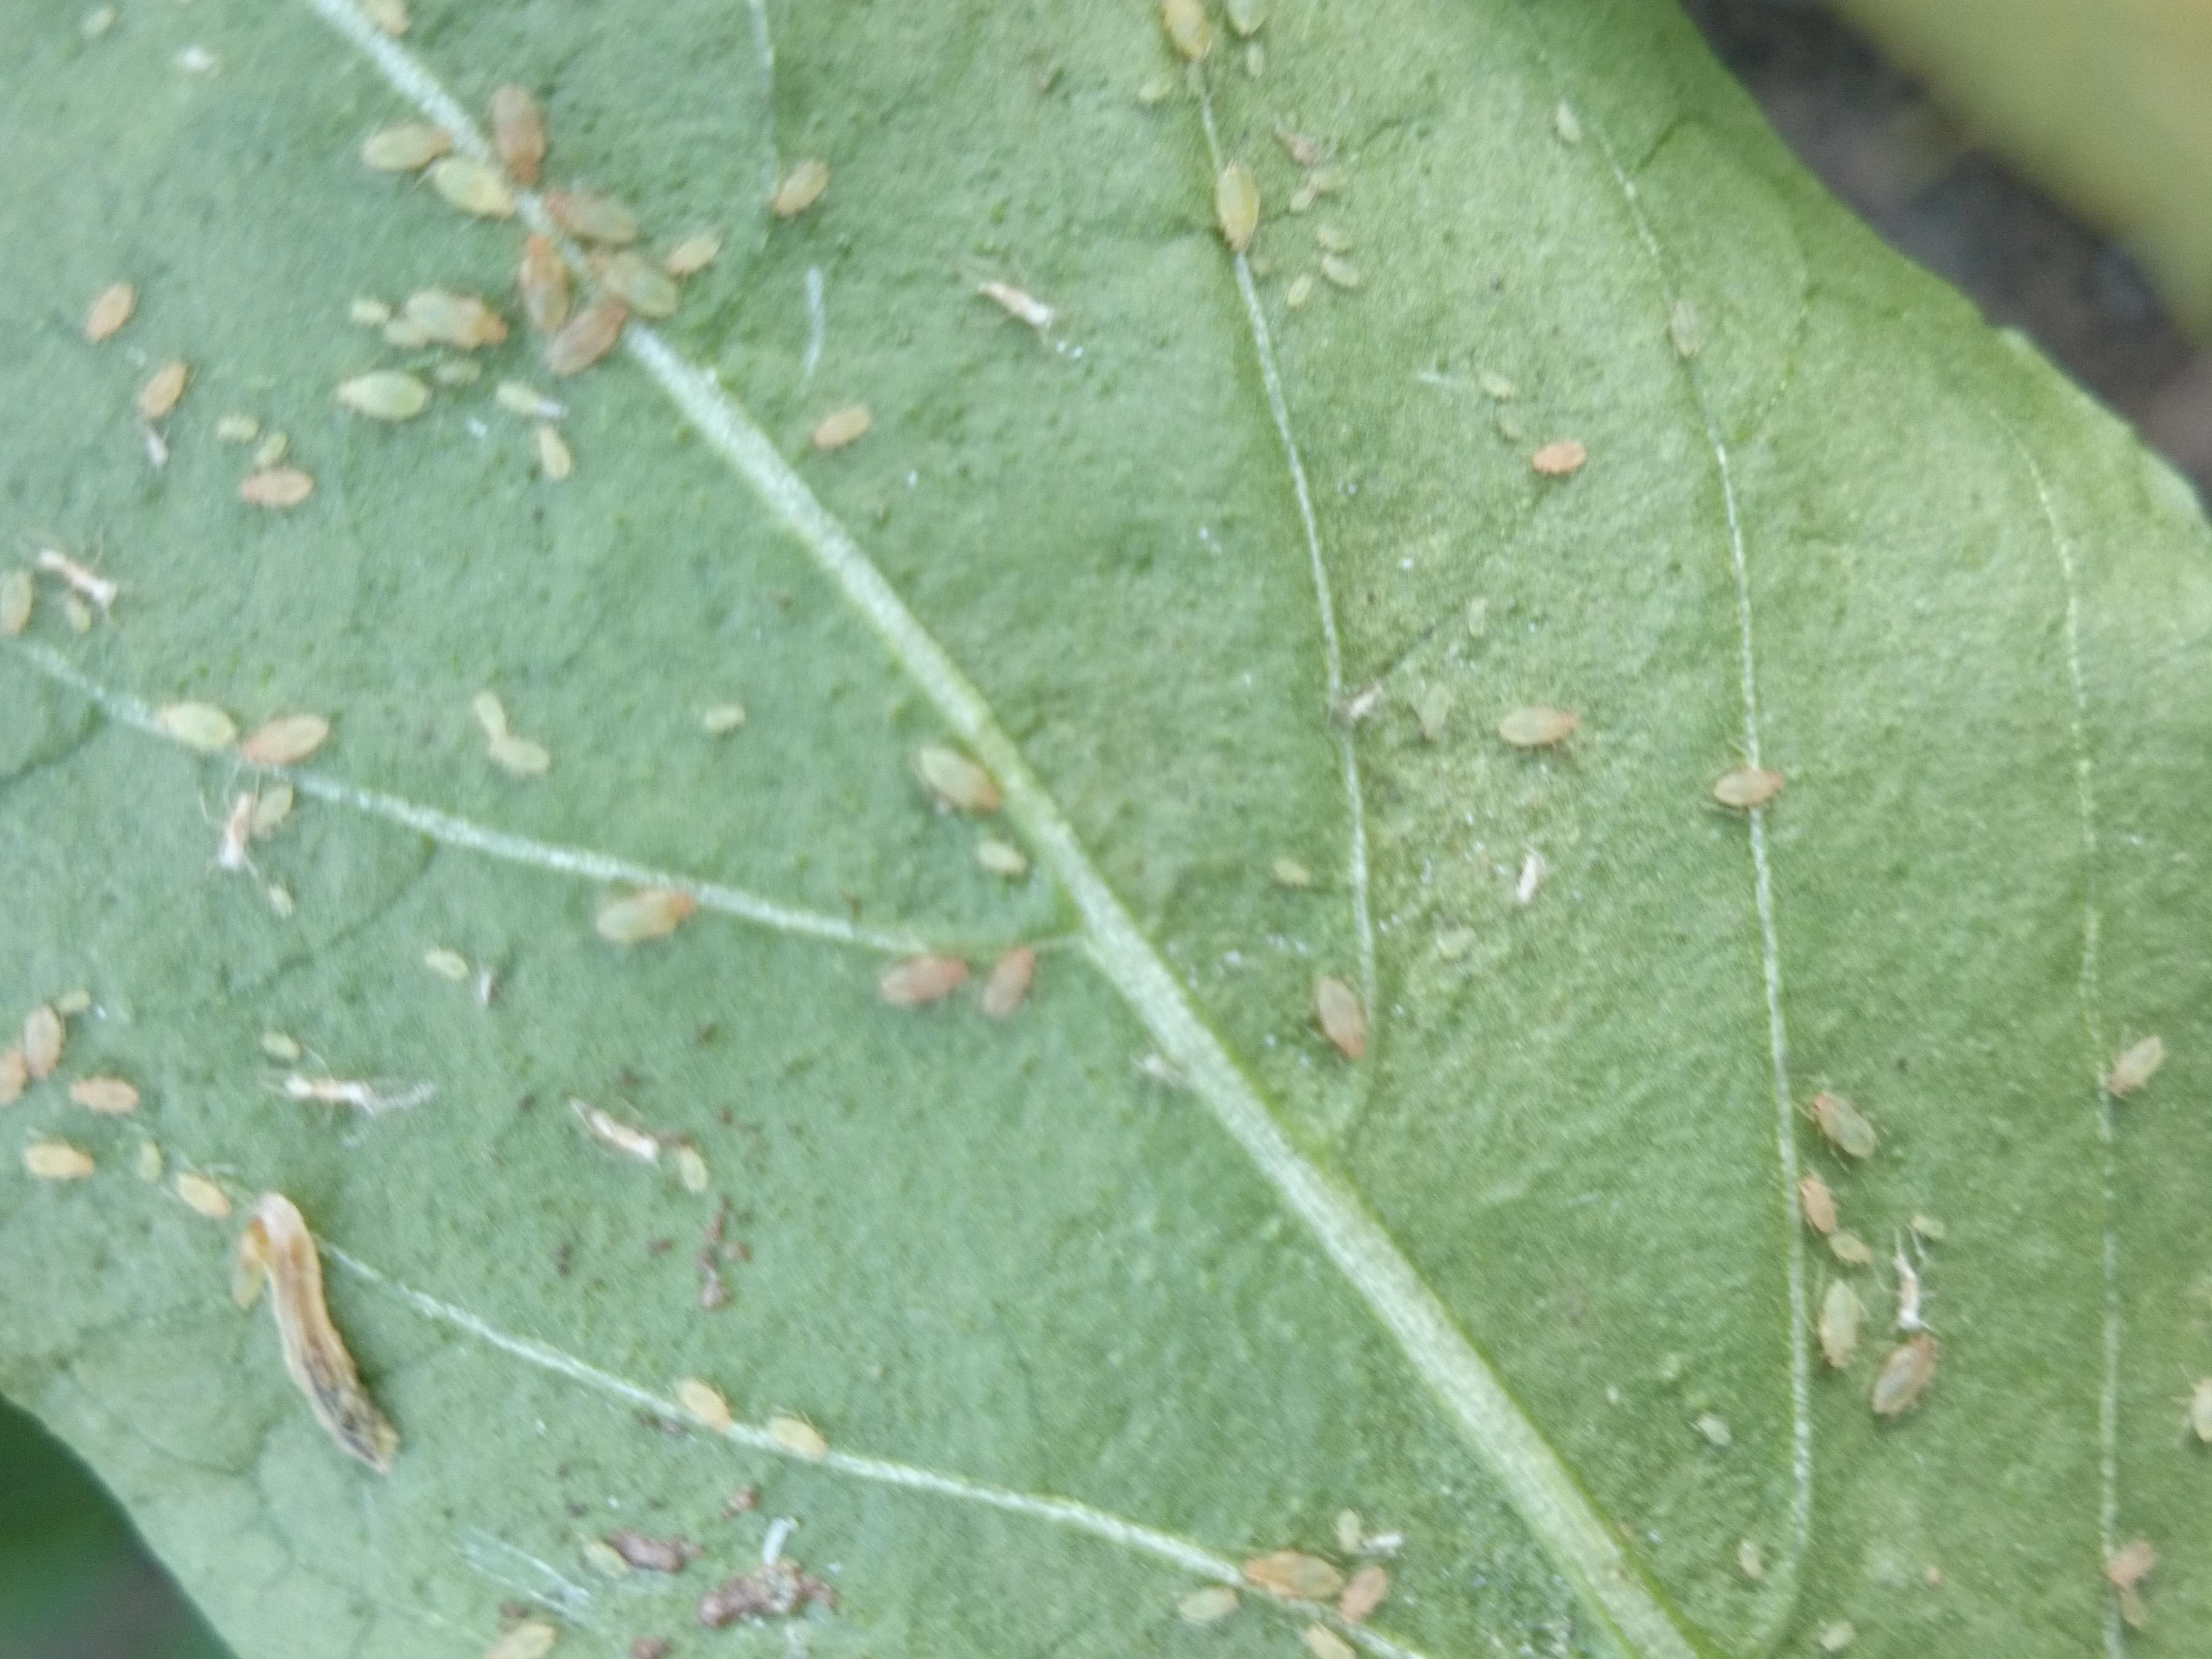 plant louses